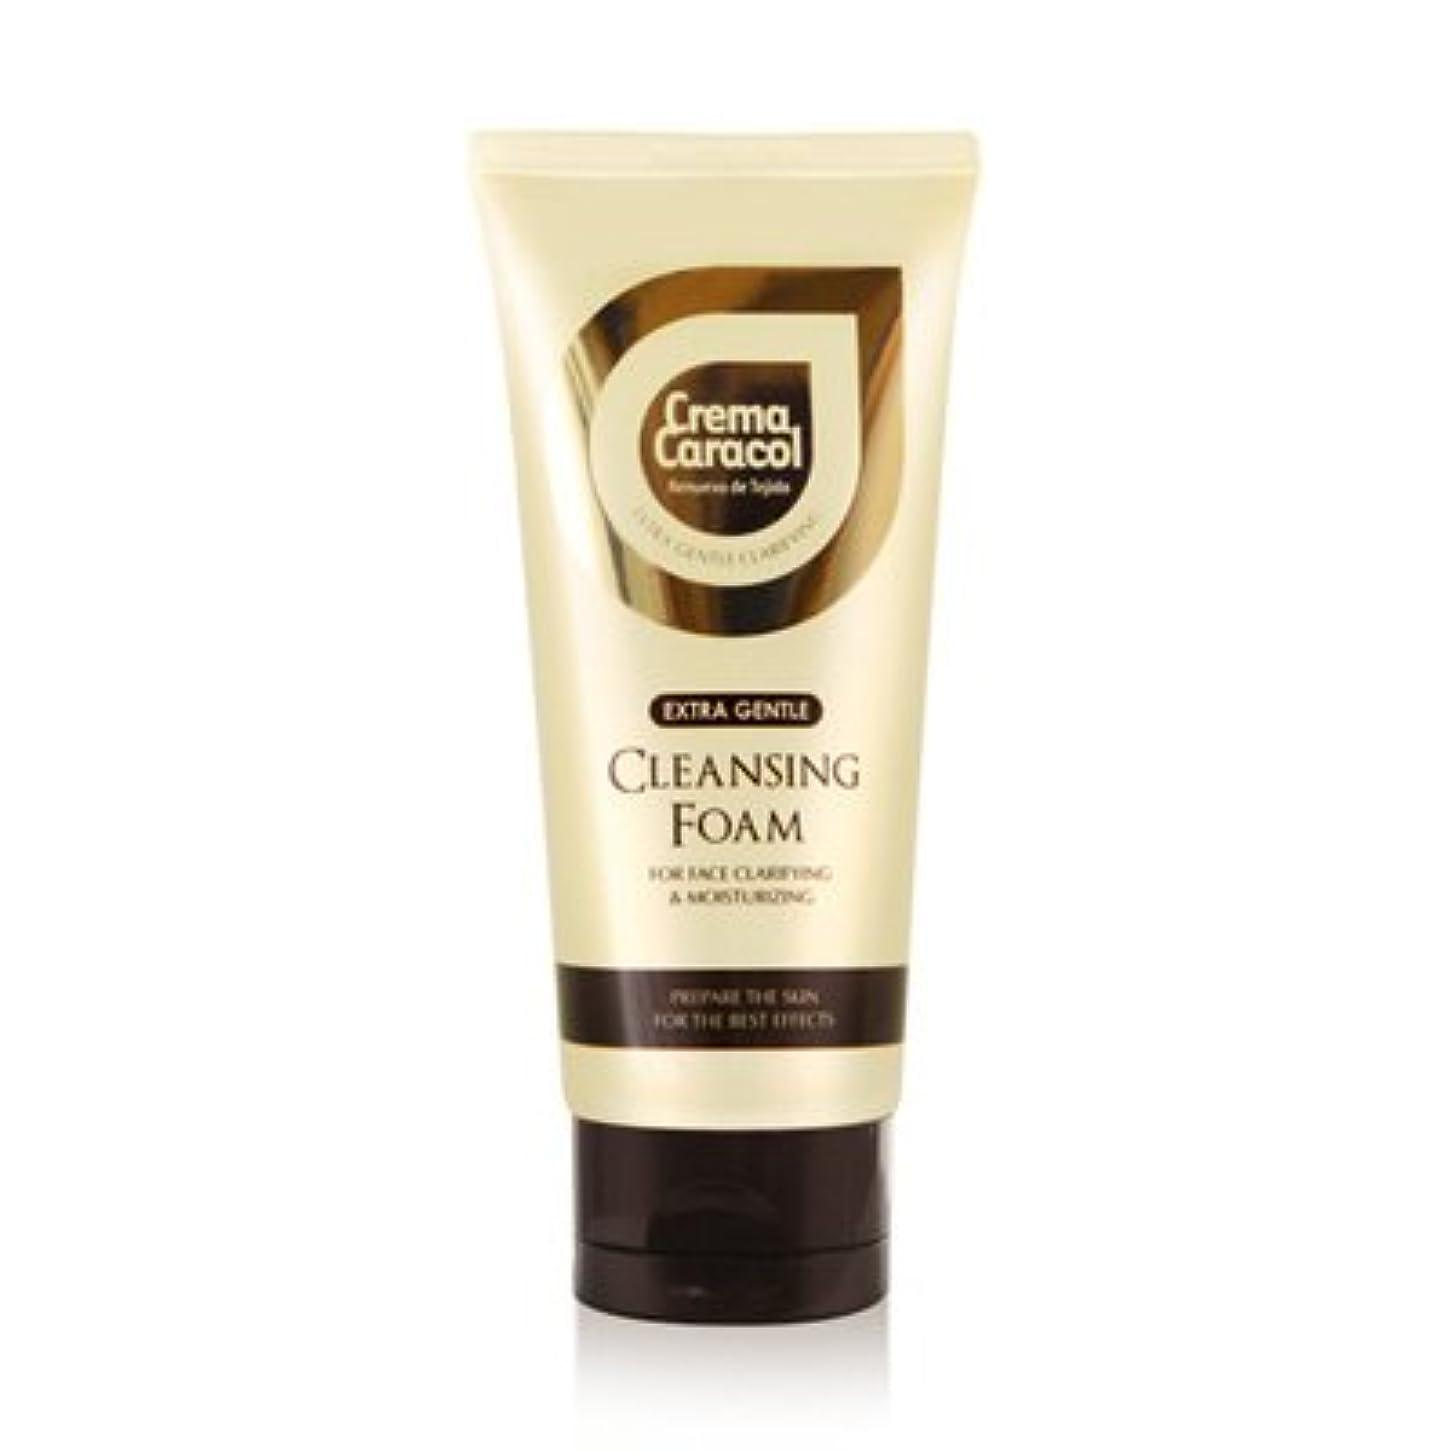 サーバントボアスパンジャミンギョン [Jaminkyung] Crema Caracol Extra Gentle Cleansing Foam175ml エクストラジェントル カタツムリクレンジングフォーム175ml